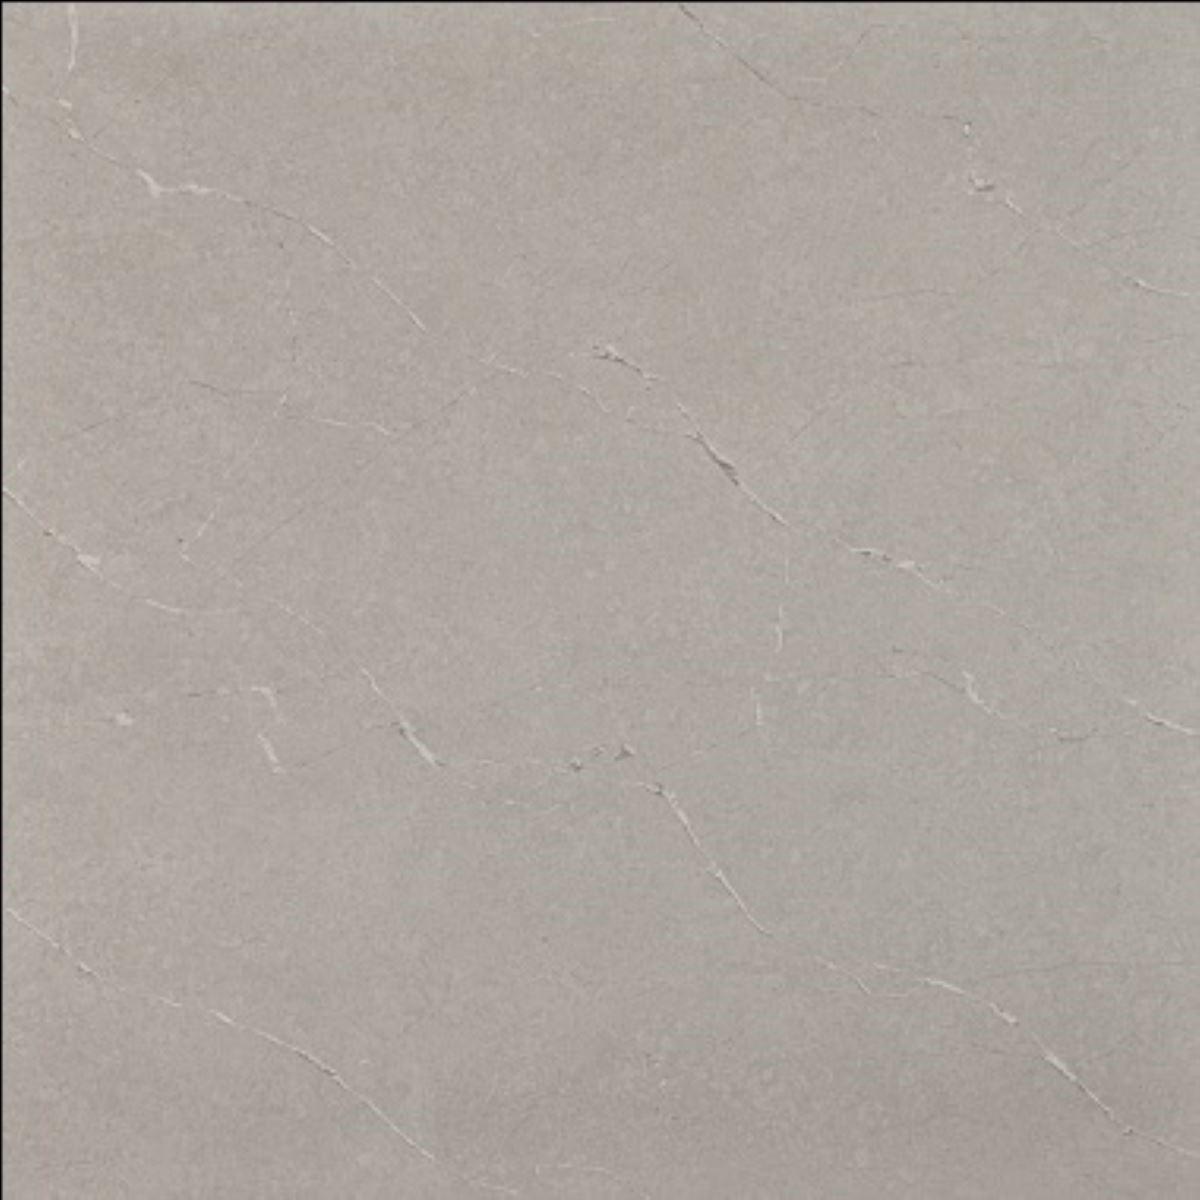 全瓷化坯體,搭載高亮度超潔亮防汙表面處理,強化抗汙效果,除提升光澤度外更意於清潔保養,是取代天然石材用於建築內外裝飾的貼心選擇。圖片提供_馬可貝里